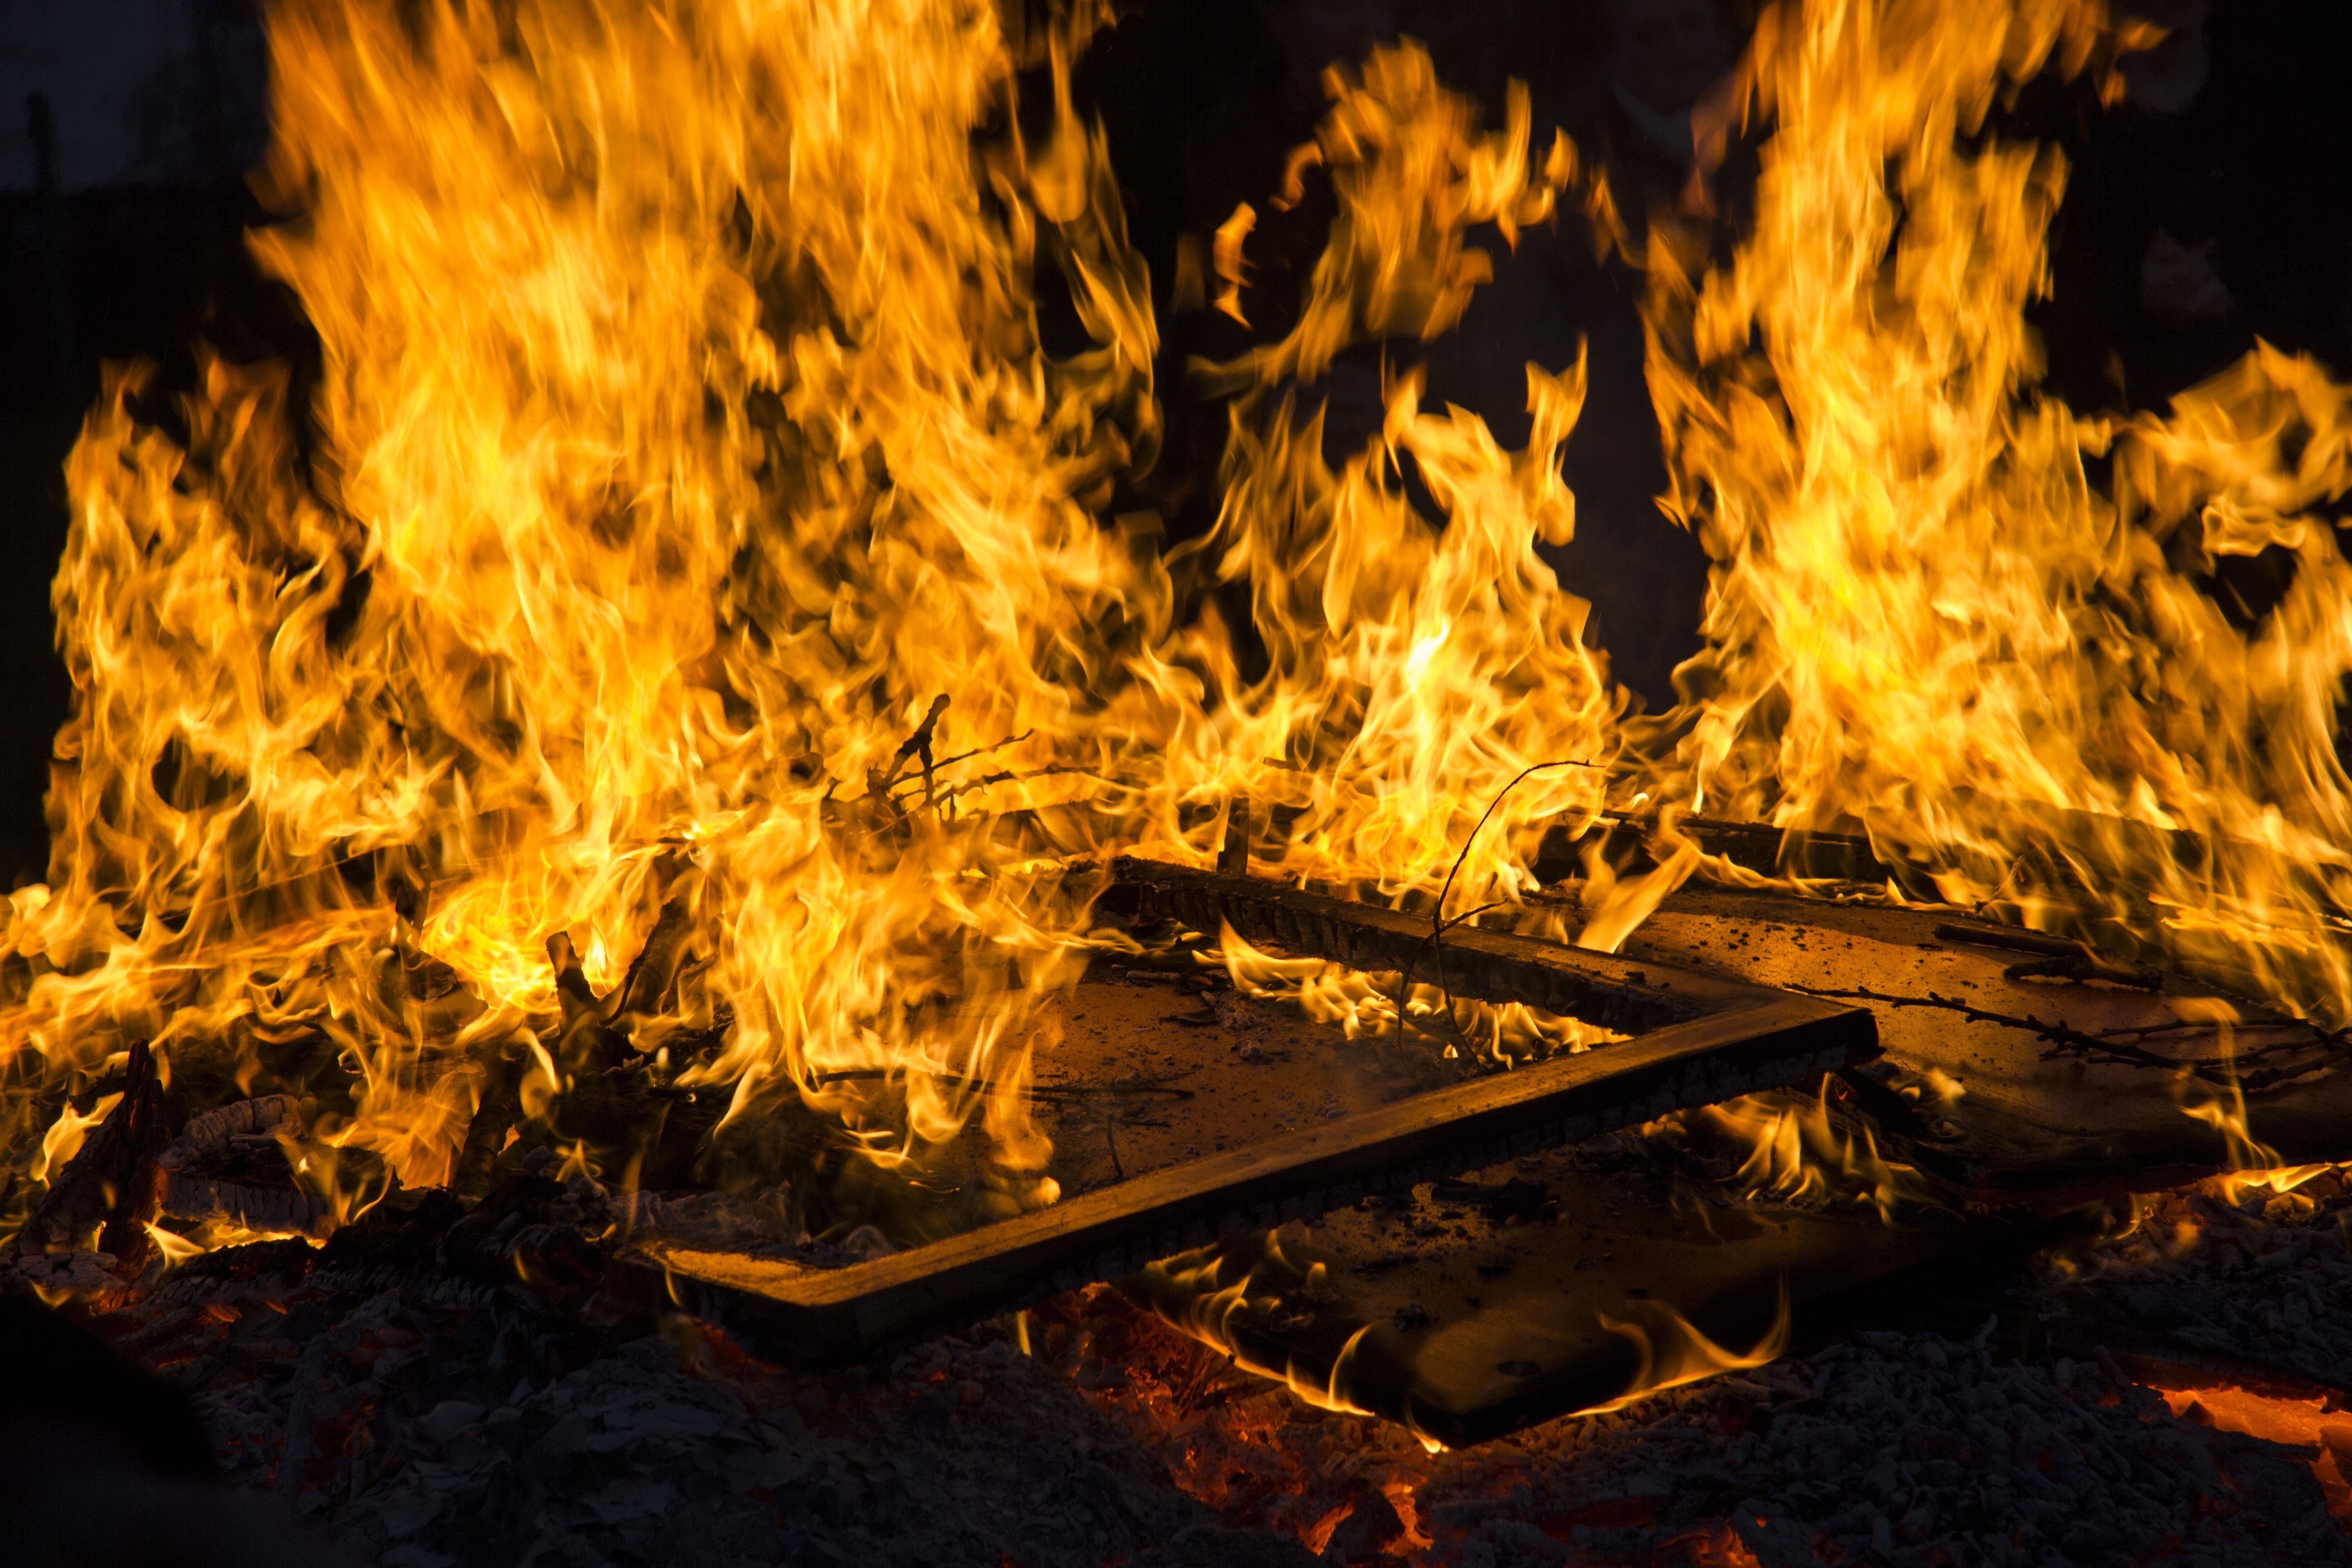 Kostenlose foto : Nacht-, Flamme, Feuer, Dunkelheit, Lagerfeuer ...